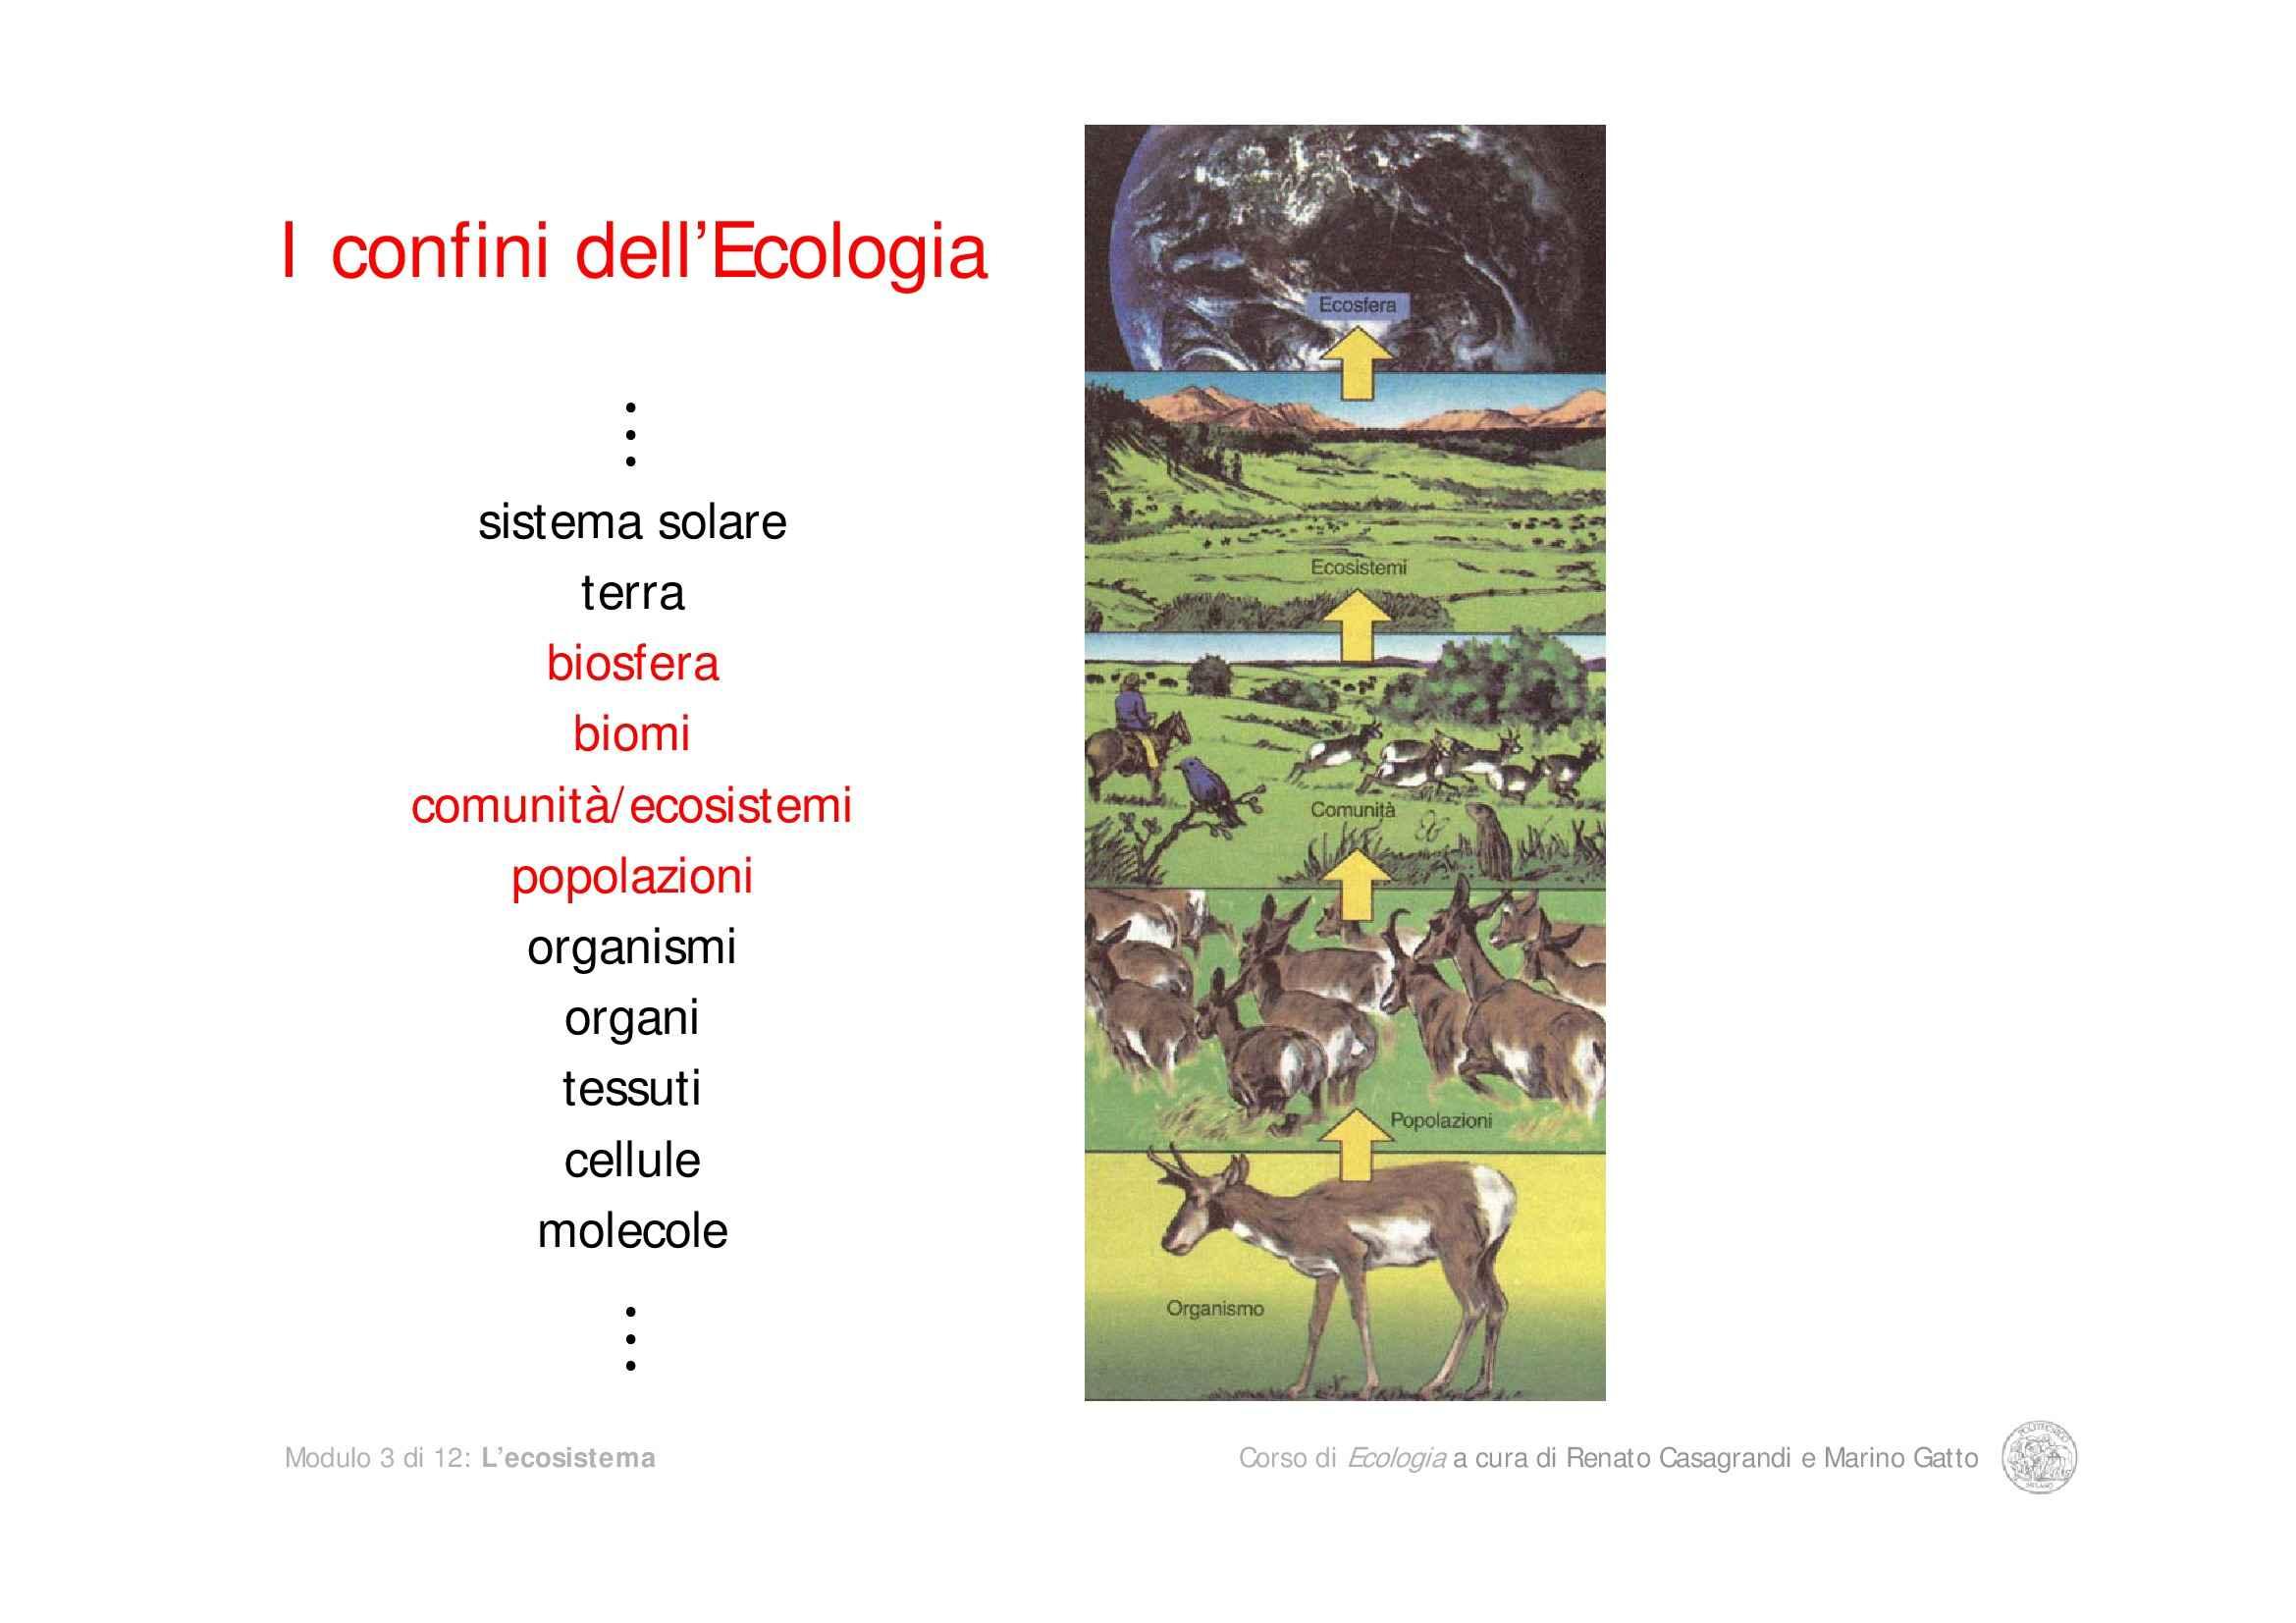 Bioma ed ecosistema